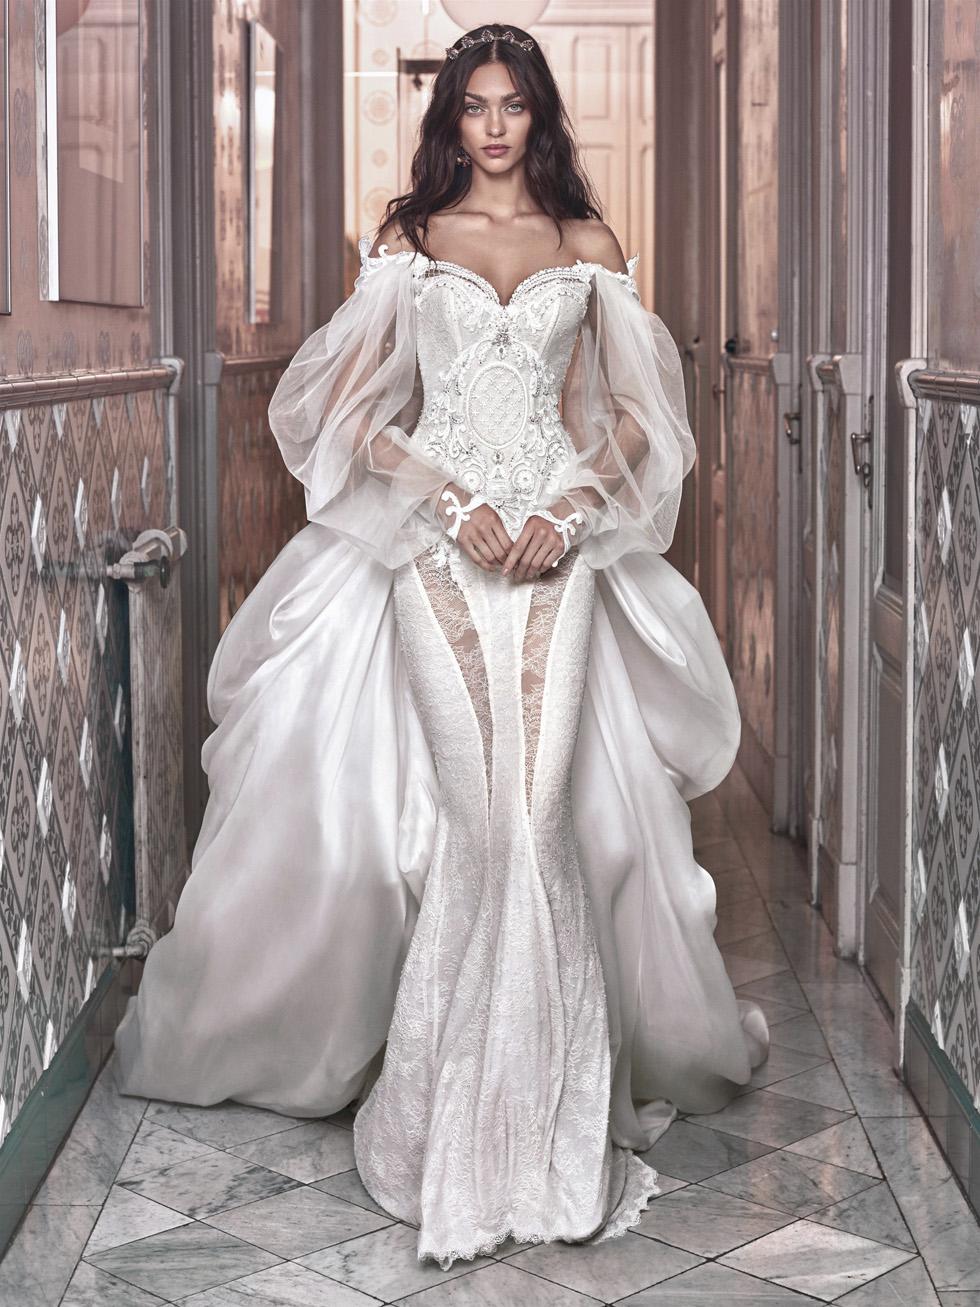 Свадебное платье из коллекции Галии Лахав. Фото: Грег Сваллс